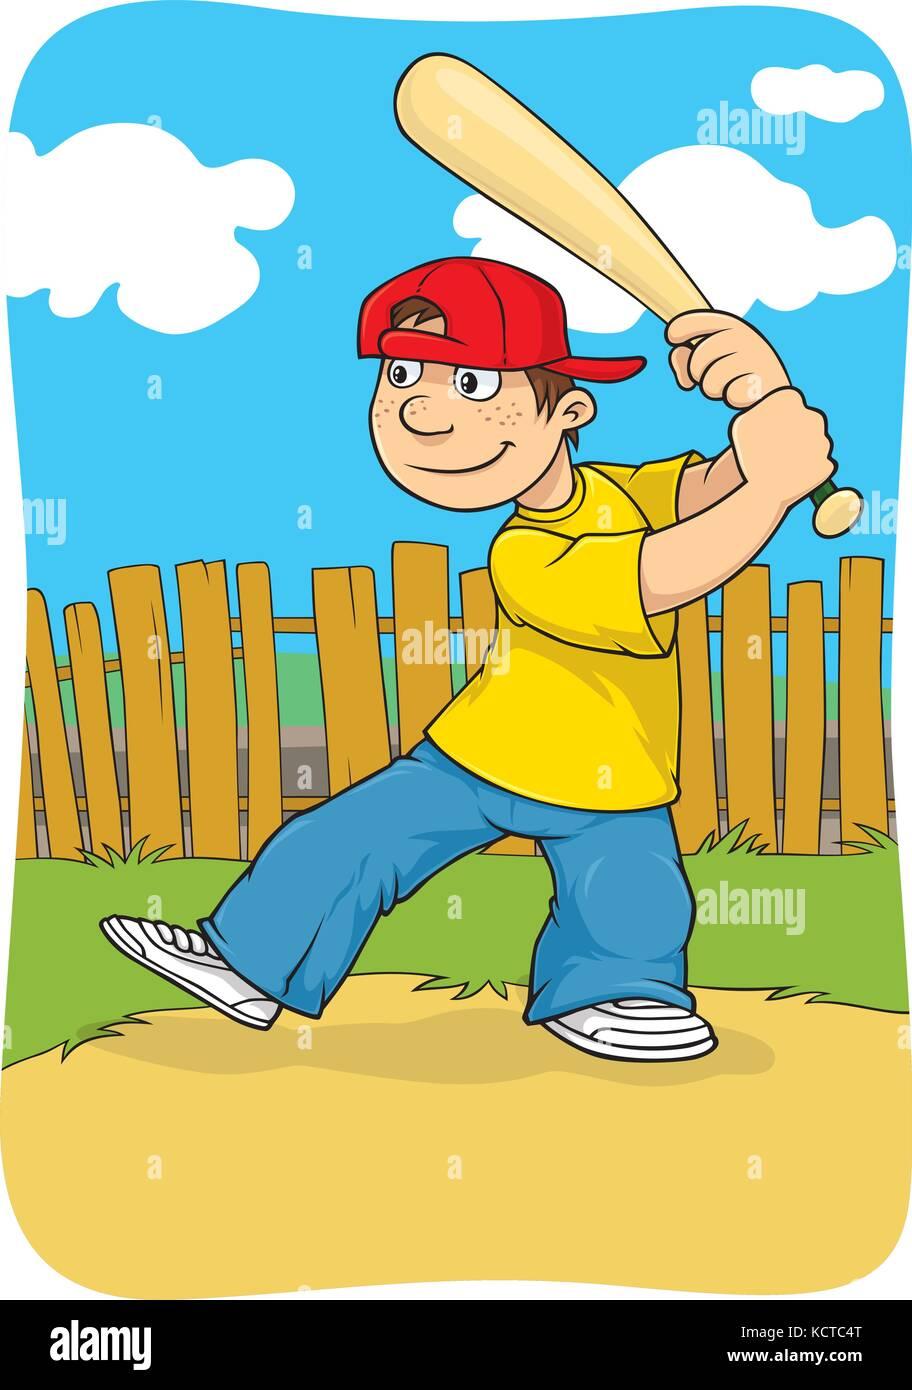 Vector cartoon di un ragazzo a giocare a baseball nel cortile posteriore Immagini Stock